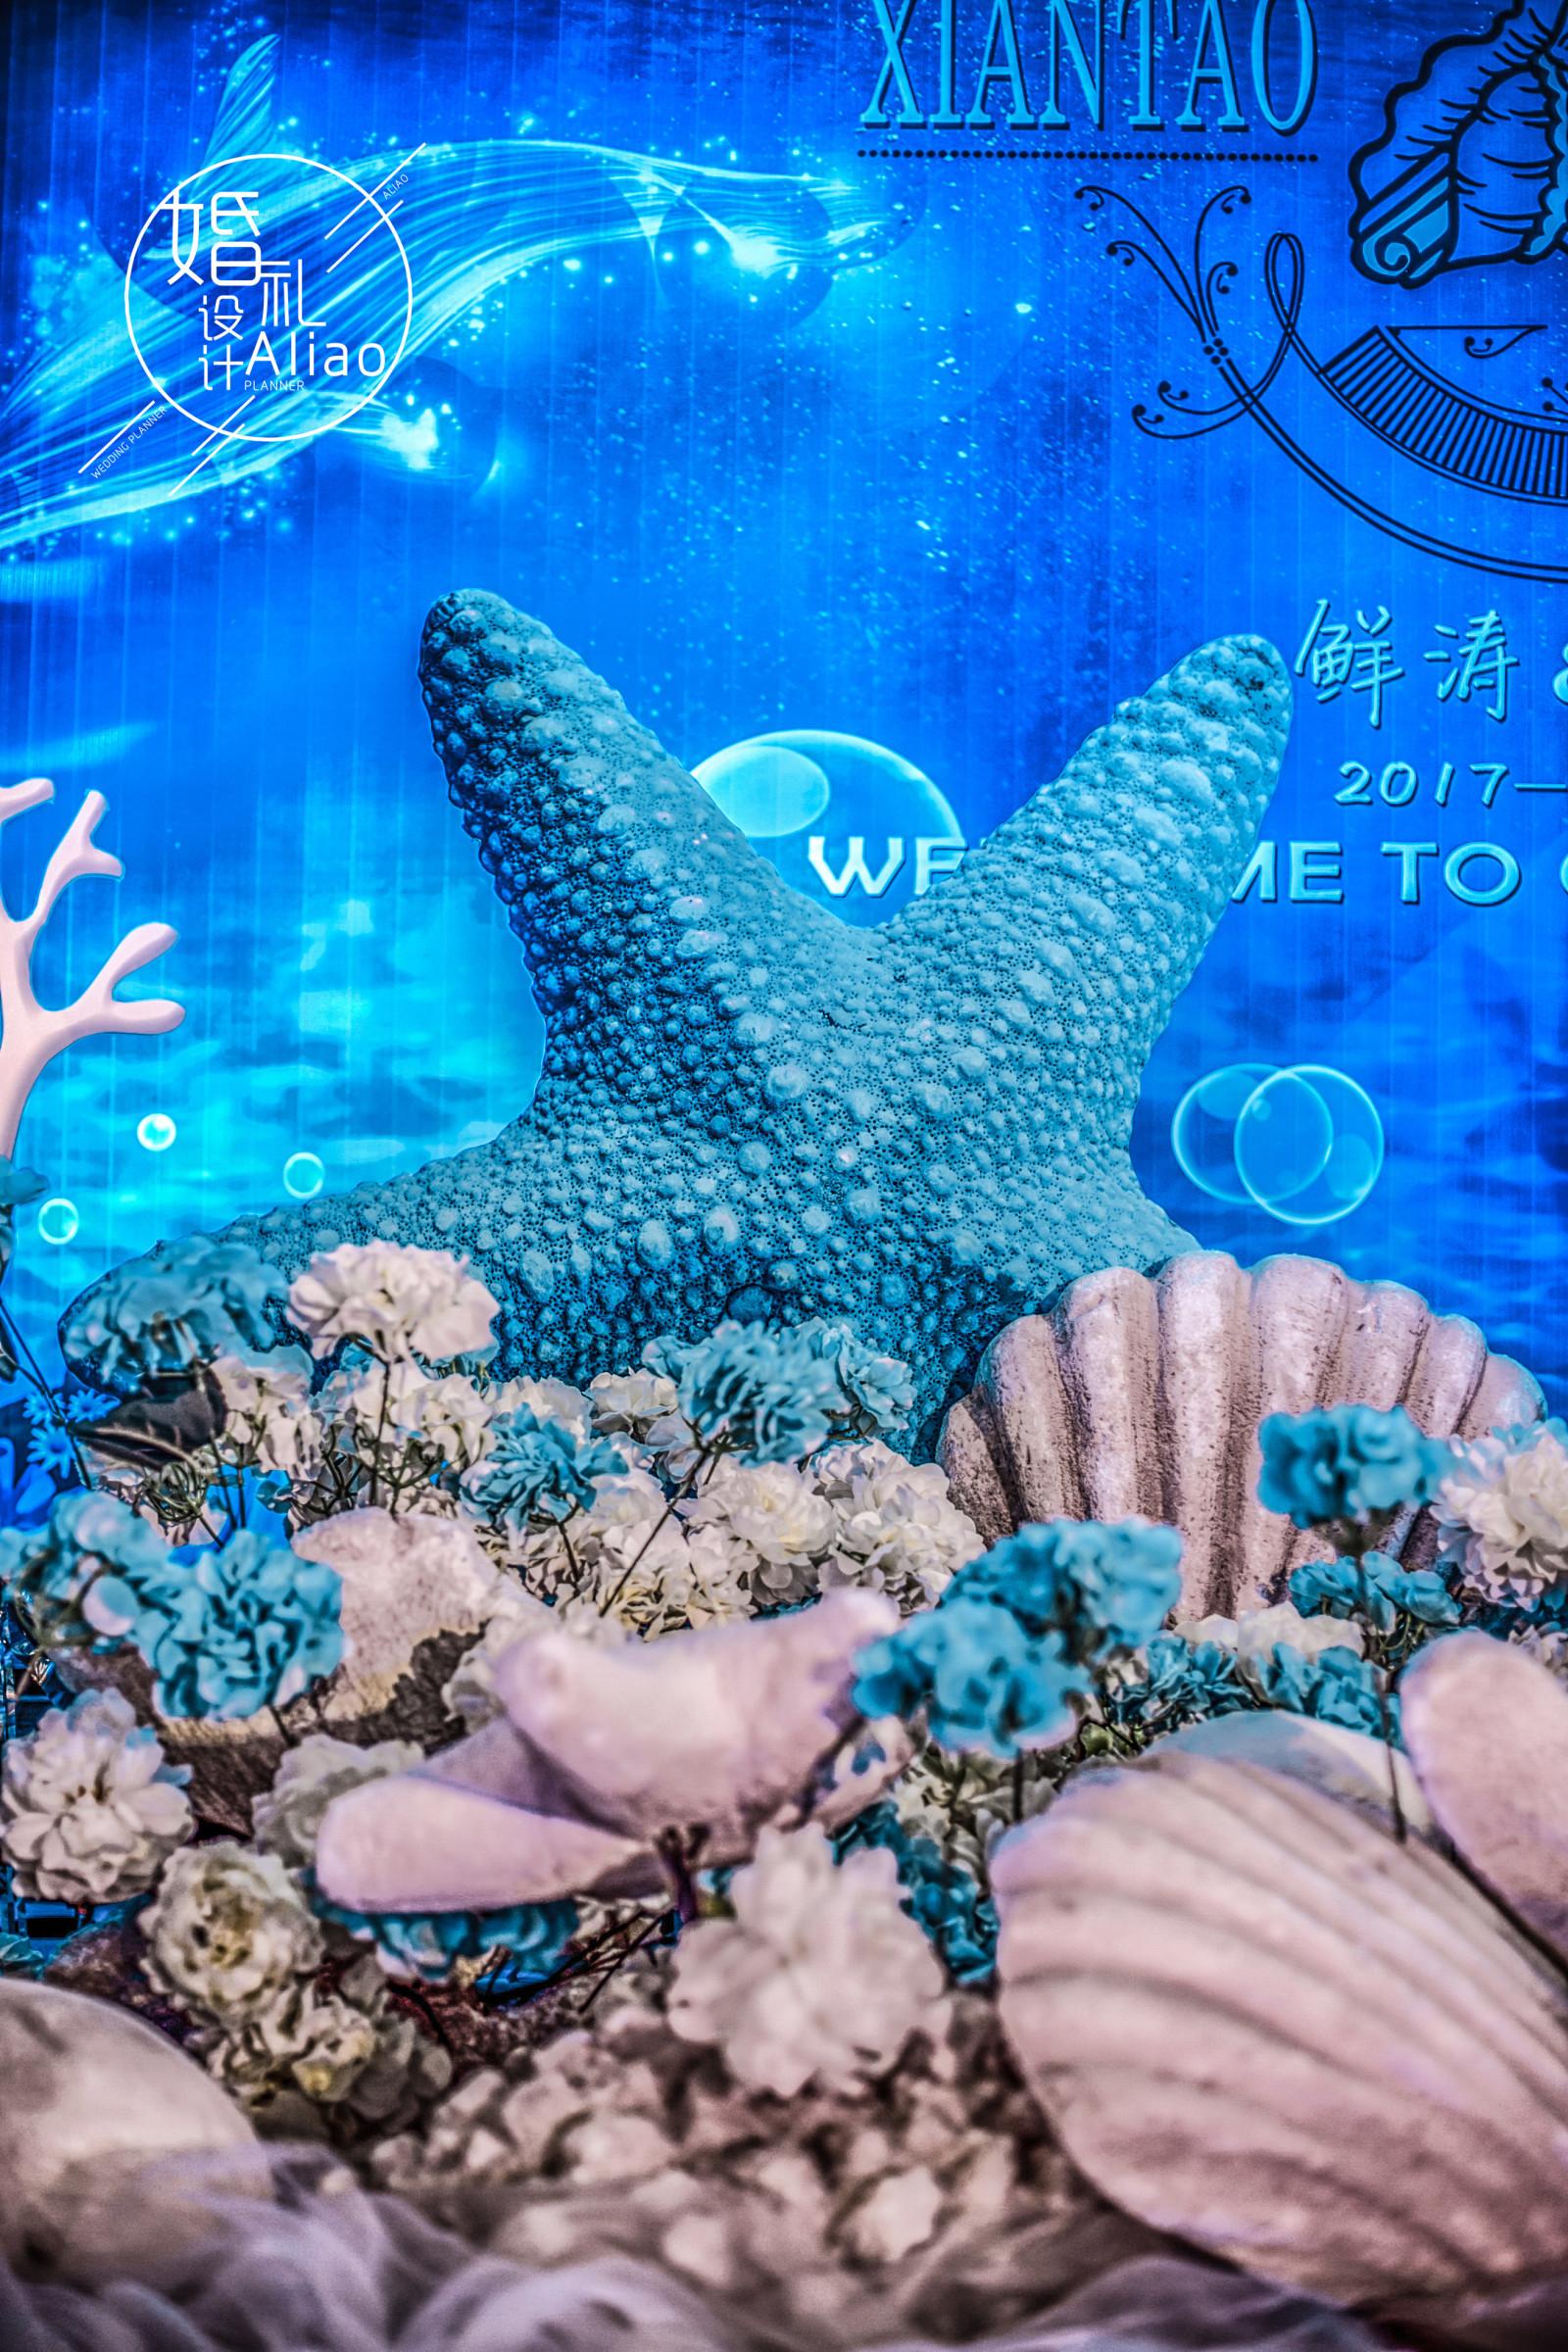 《LOVE IN SEA》-阳光透过清澈的海底,波光粼粼,鱼儿在海底自由自在的游动,乐得逍遥。海星、水草亲吻着海水,大口呼吸着天然之痒。珍珠藏在巨大的贝壳里,宛若宝石般光彩夺目,亲爱的,这是我献给你的来自二月蓝色海洋的暖流,愿沁入你的心底,如你期待。